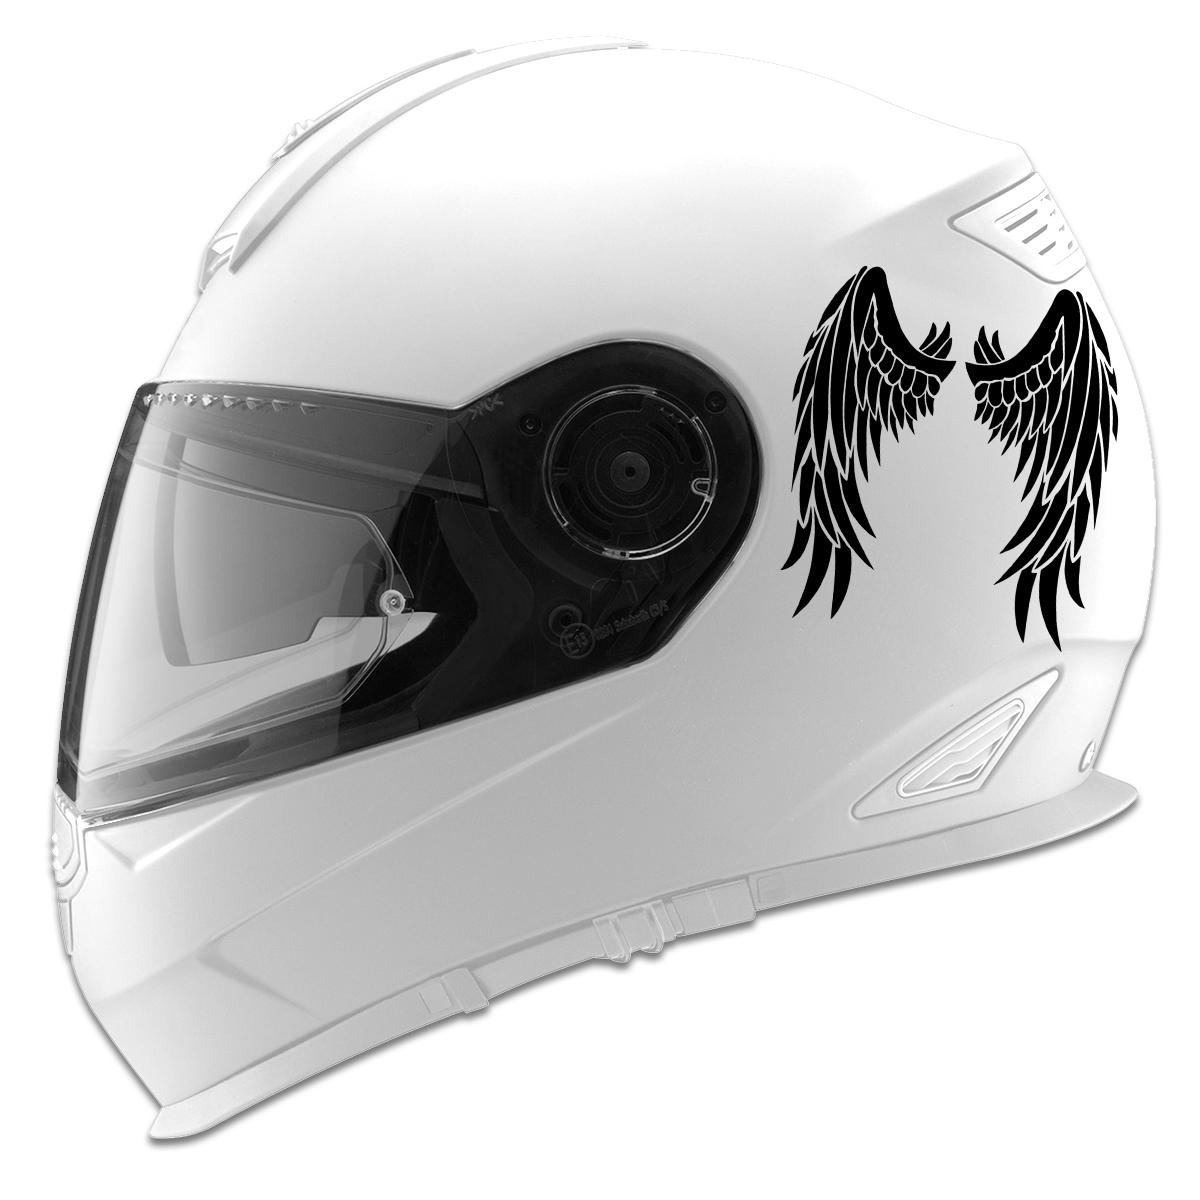 Angel Wings Design Auto Car Racing Motorcycle Helmet Decal